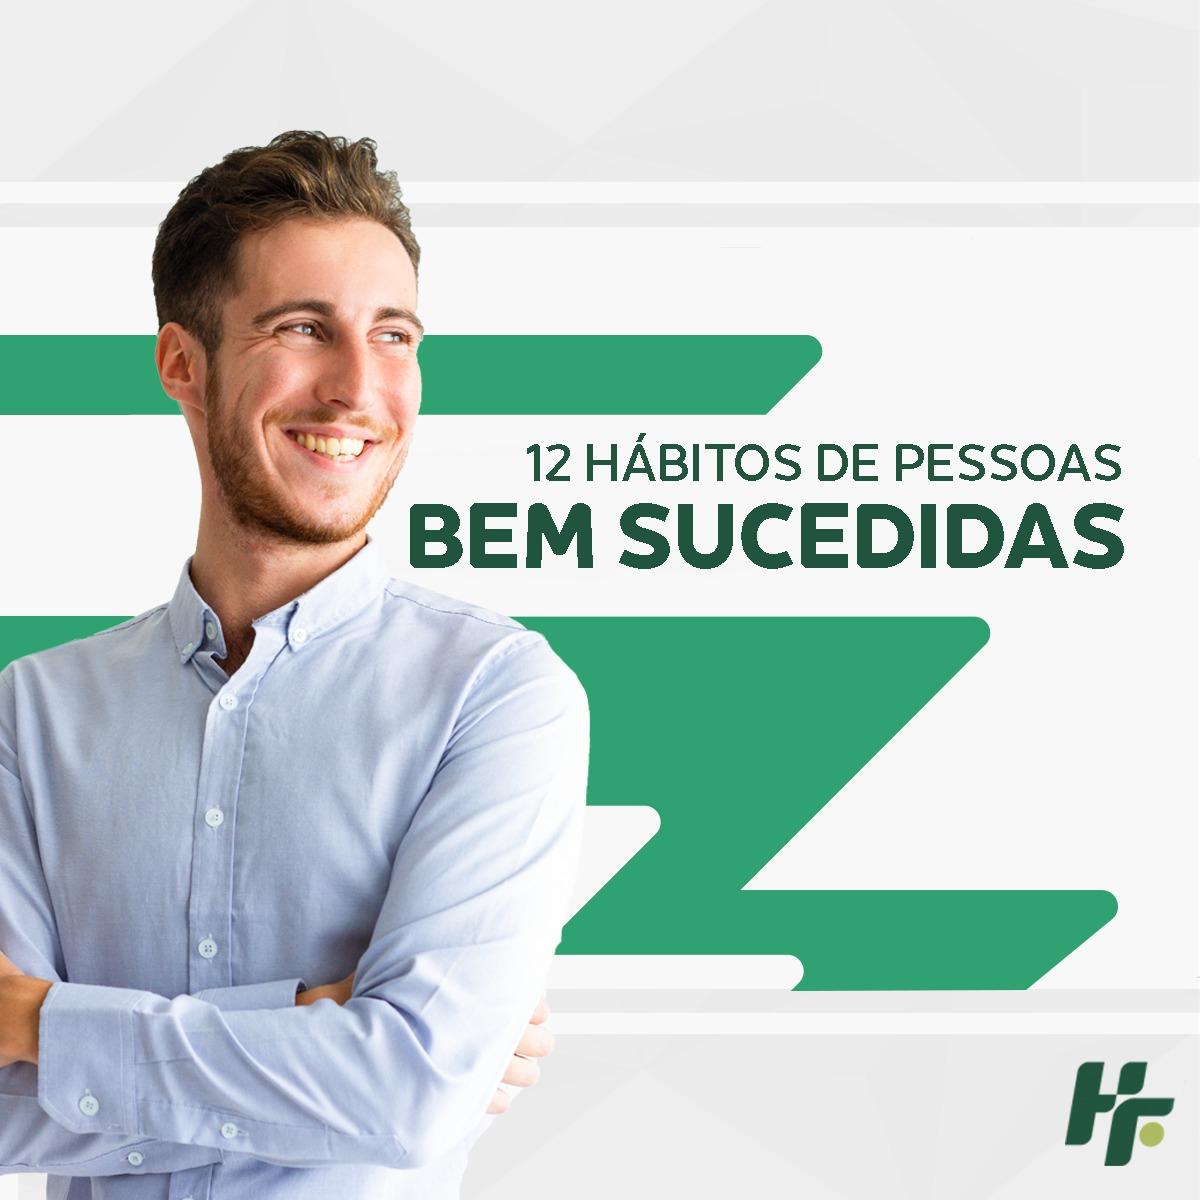 3 - 12 hábitos de pessoas bem-sucedidas